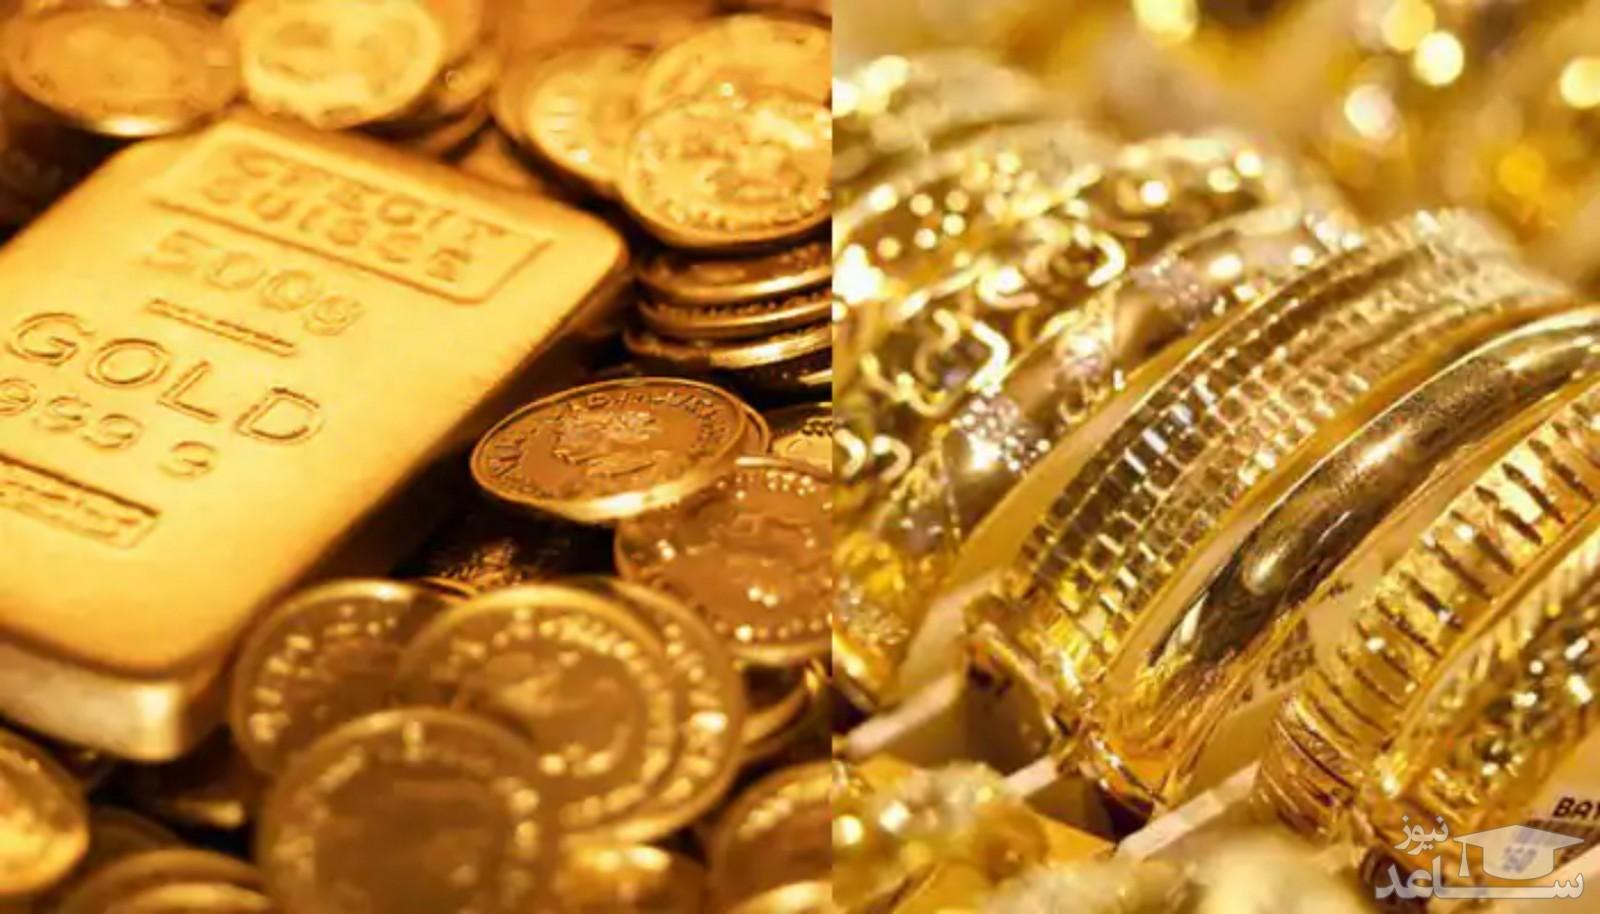 قیمت سکه و طلا و ارز در بازار امروز، 6 مرداد 1400